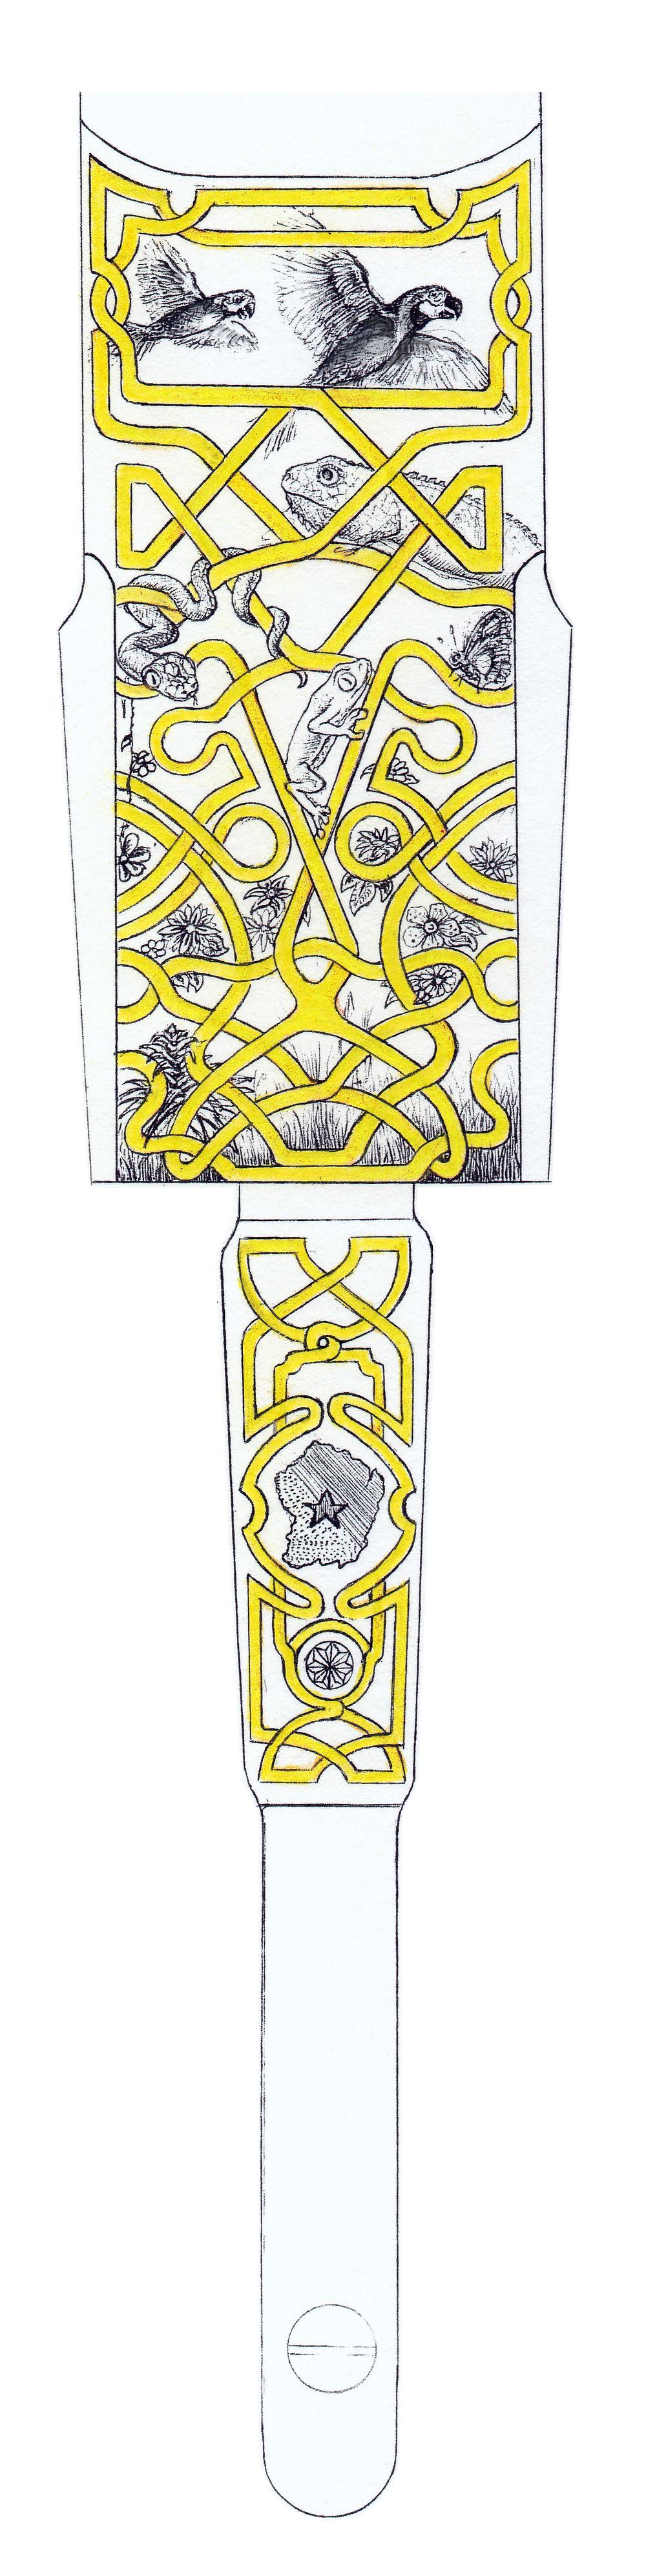 Plat de bascule - Pontet avec la Guyane et son héraldique